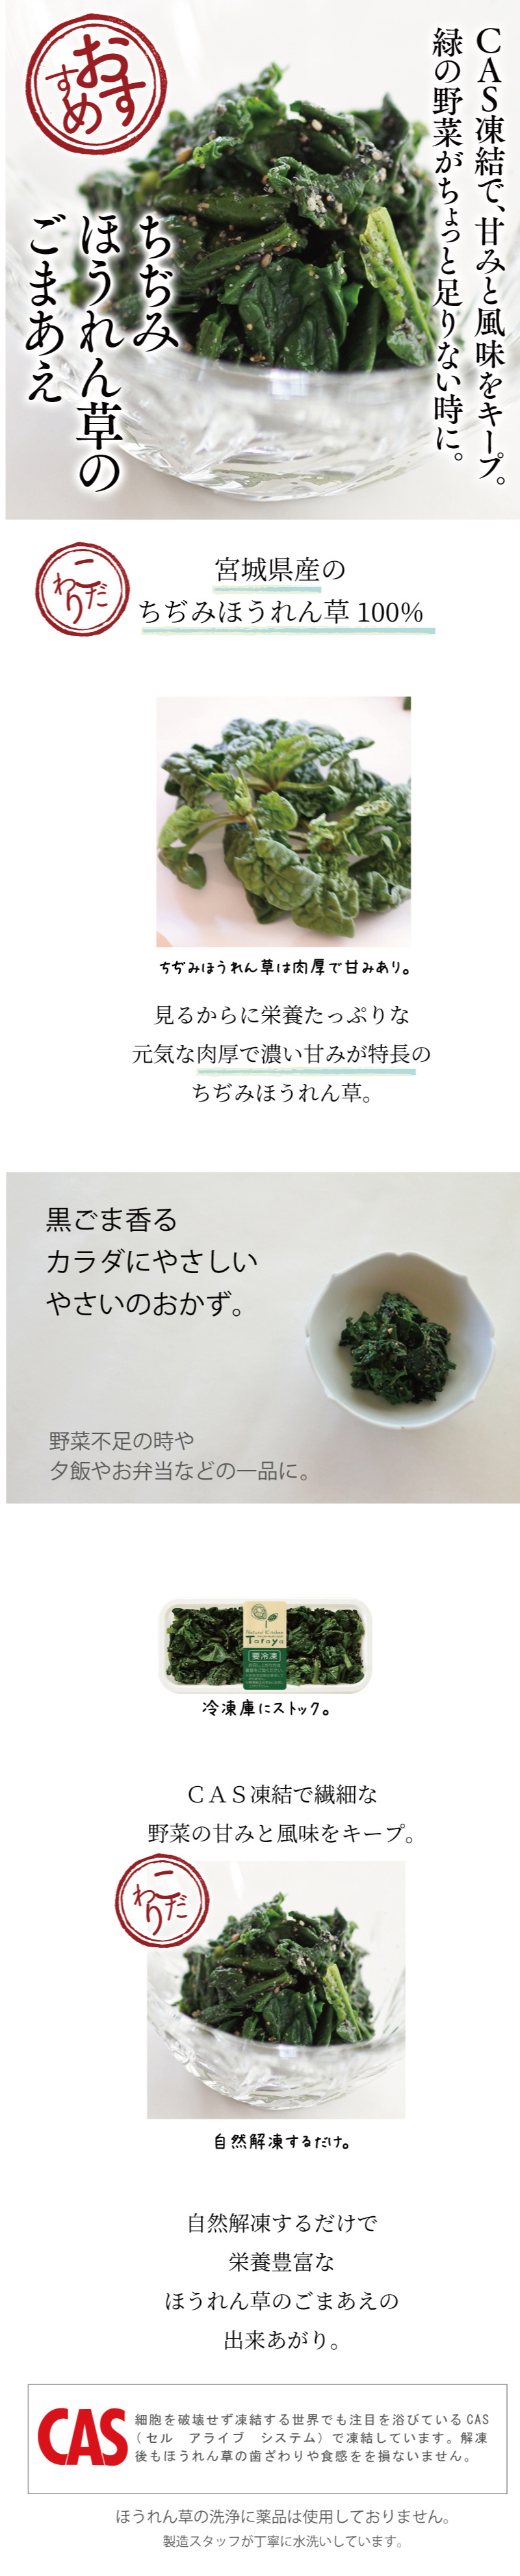 宮城県産ちじみほうれん草100%